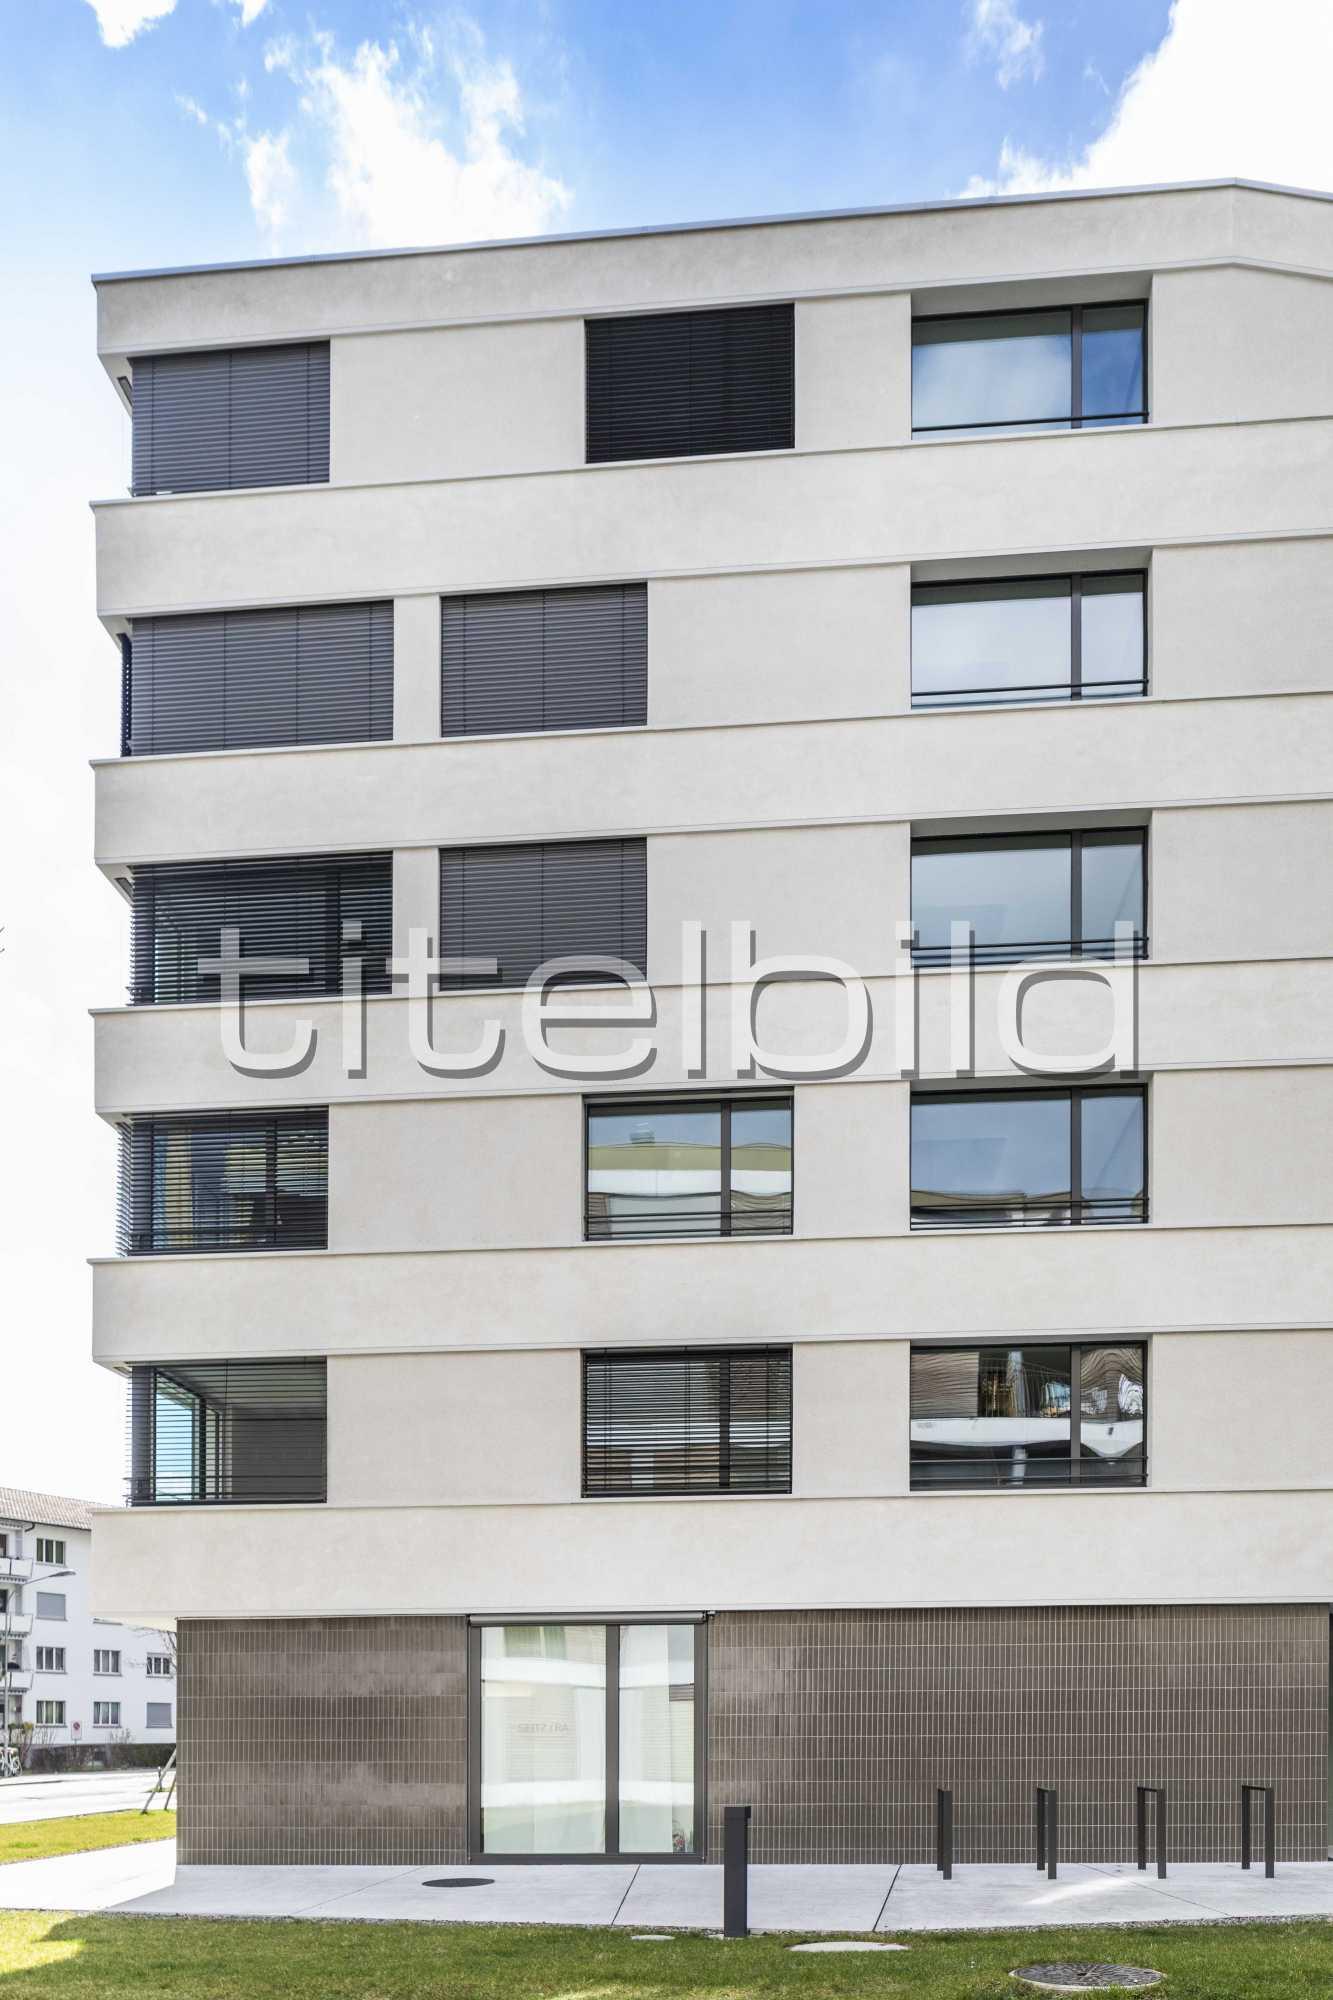 Projektbild-Nr. 7: Wohnhaus In der Ey